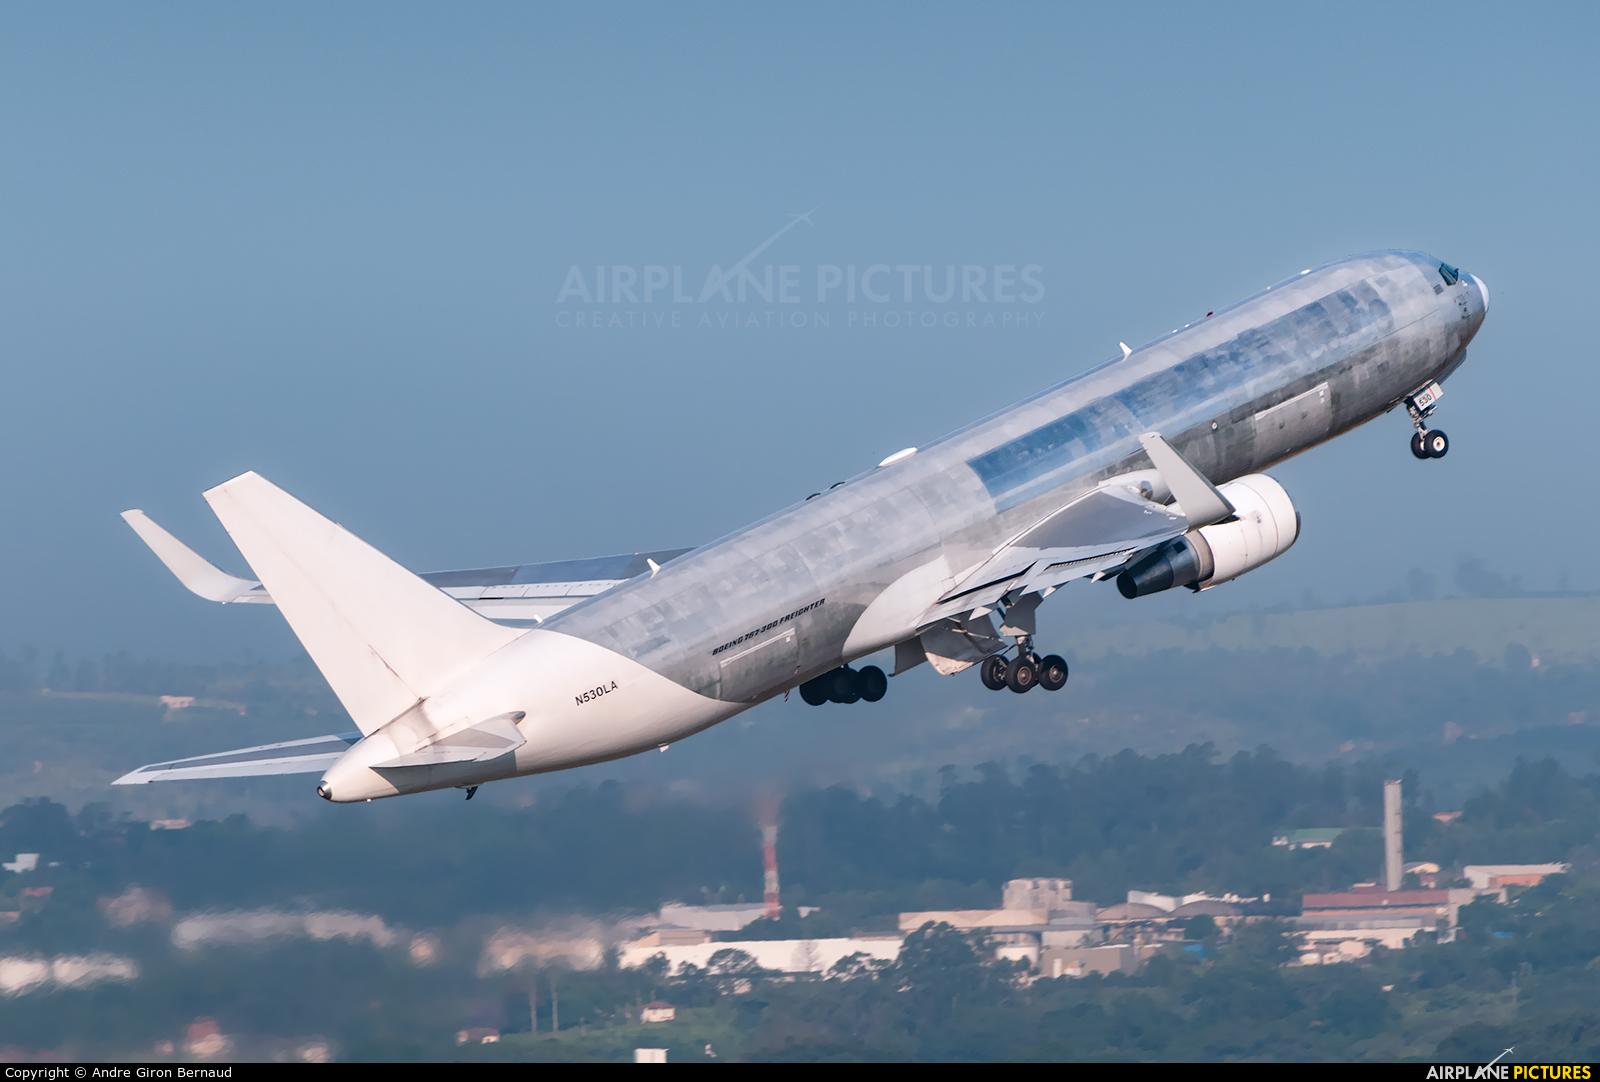 LATAM N530LA aircraft at Campinas - Viracopos Intl